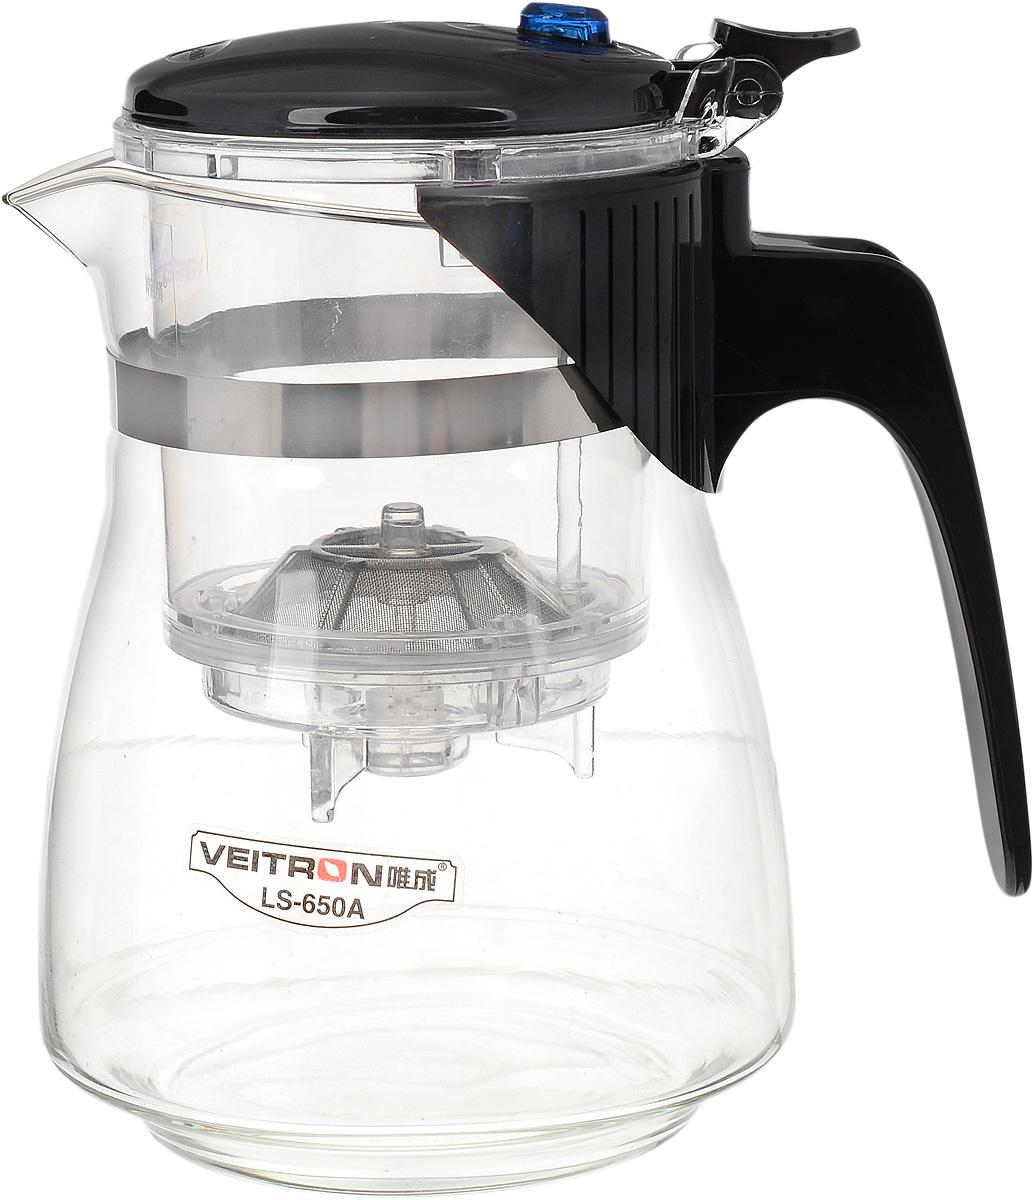 Чайник заварочный Veitron, с кнопкой, 650 мл. LS-650АLS-650АТермостойкий заварочный чайник Veitron изготовлен из пищевых материалов, безопасных для жизни и здоровья человека и окружающей среды. Имеет округлую форму в виде кувшина. Колба выполнена из высококачественного боросиликатного стекла, очень прочного и устойчивого к тепловому удару или очень высоким температурным условиям. Чайник снабжен разборным металлическим съемным фильтром, удобным для очистки. Ручка и крышка выполнены из поликарбоната. Чайник имеет современный и элегантный дизайн. Предназначен для заваривания зеленого, черного, цветочного чая и кофе на 2-3 персоны. Просто положите заварку в чайник, залейте кипяток, накройте крышкой, нажмите кнопку, и чай готов. Чай заваривается во внутренней колбе, а в основную сливается нажатием и удержанием кнопки. Таким образом, все чаинки остаются в фильтре. Диаметр (по верхнему краю): 8 см. Диаметр основания: 7,7 см. Высота чайника: 15 см.